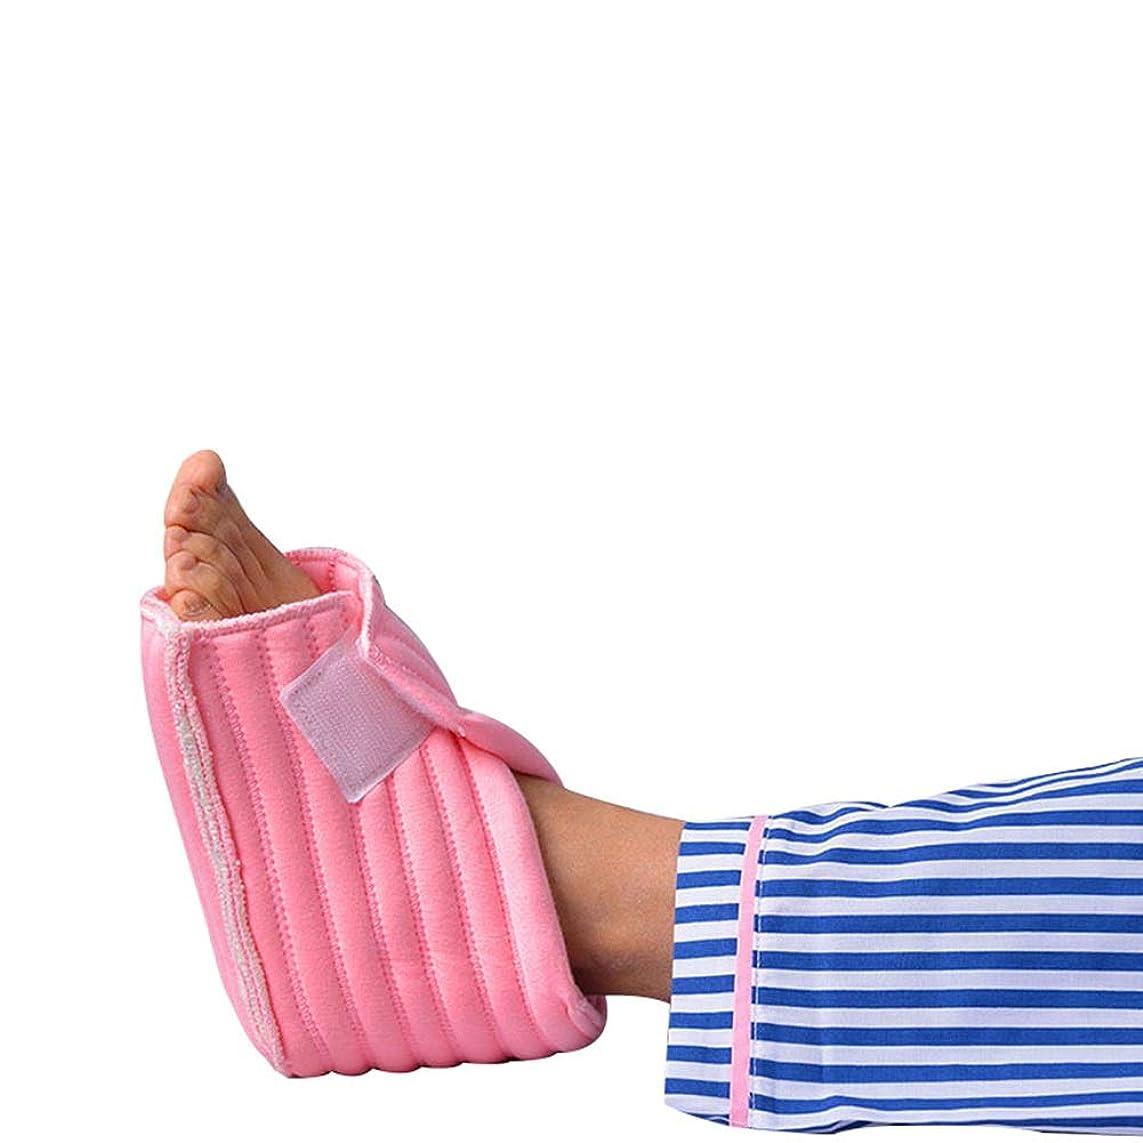 製油所報いる付録ヒールクッションプロテクター、一対の足枕かかと褥瘡をパッド通気性水分吸上コア